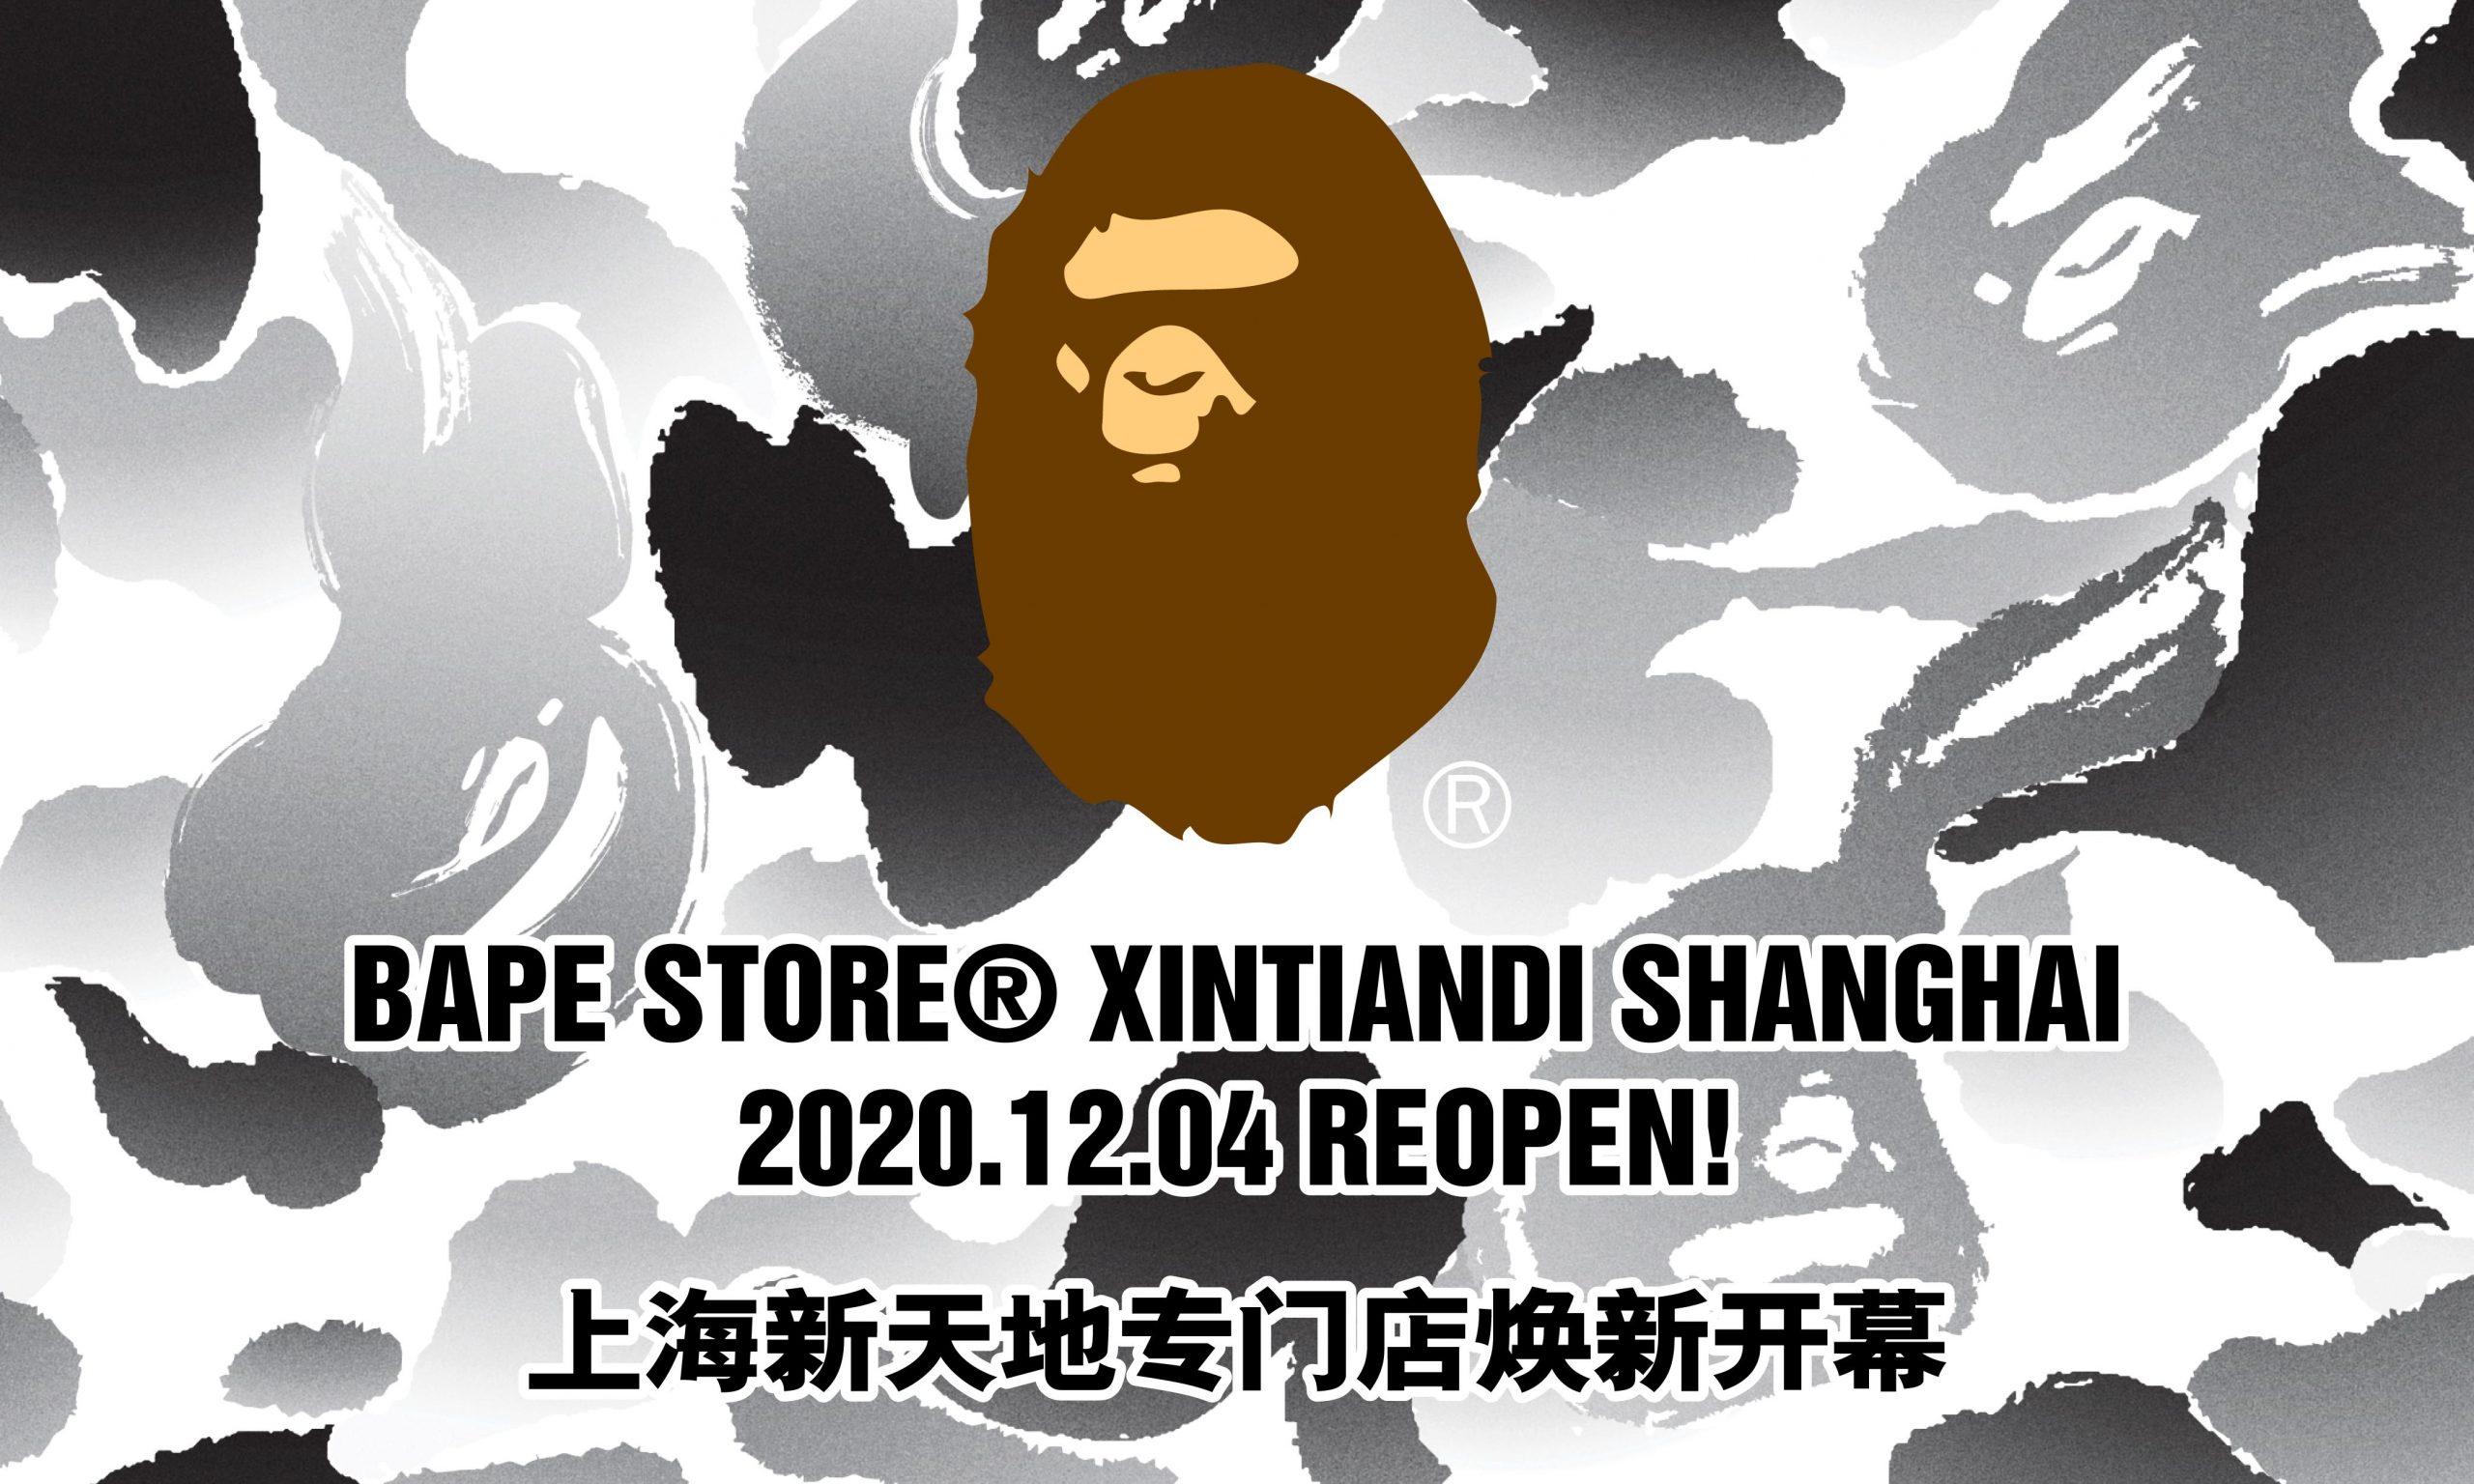 上海新天地 BAPE STORE® 专门店焕新开幕